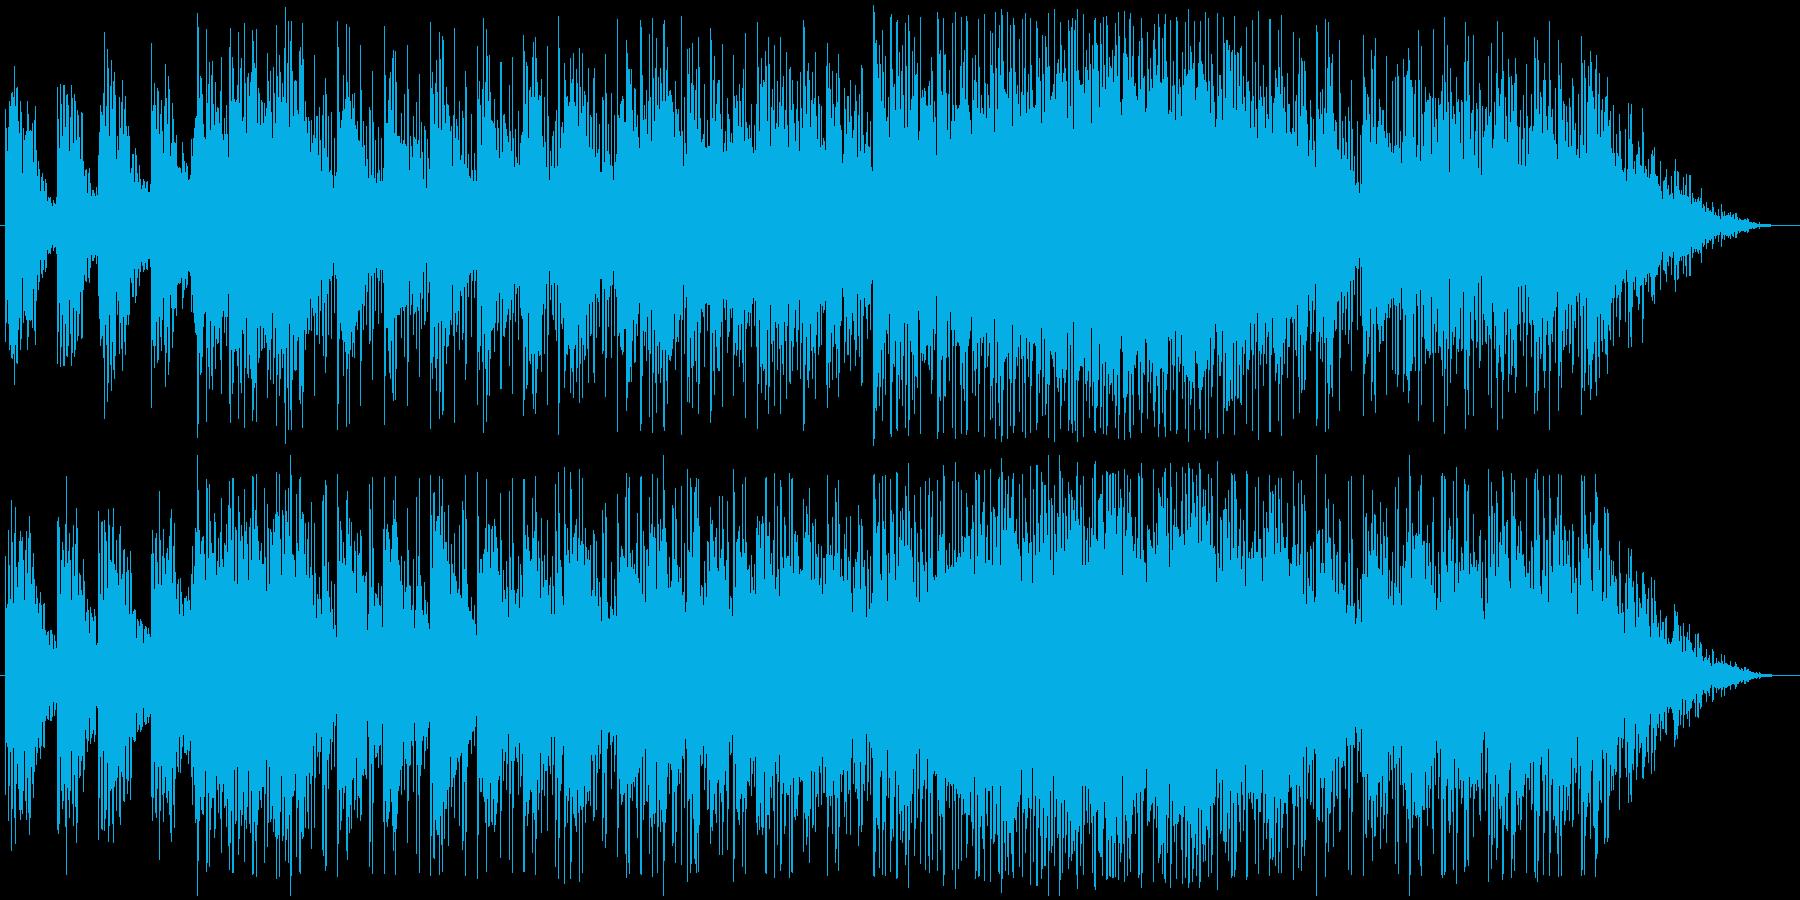 柔らかく切なく広がりのある曲*メロ抜きの再生済みの波形